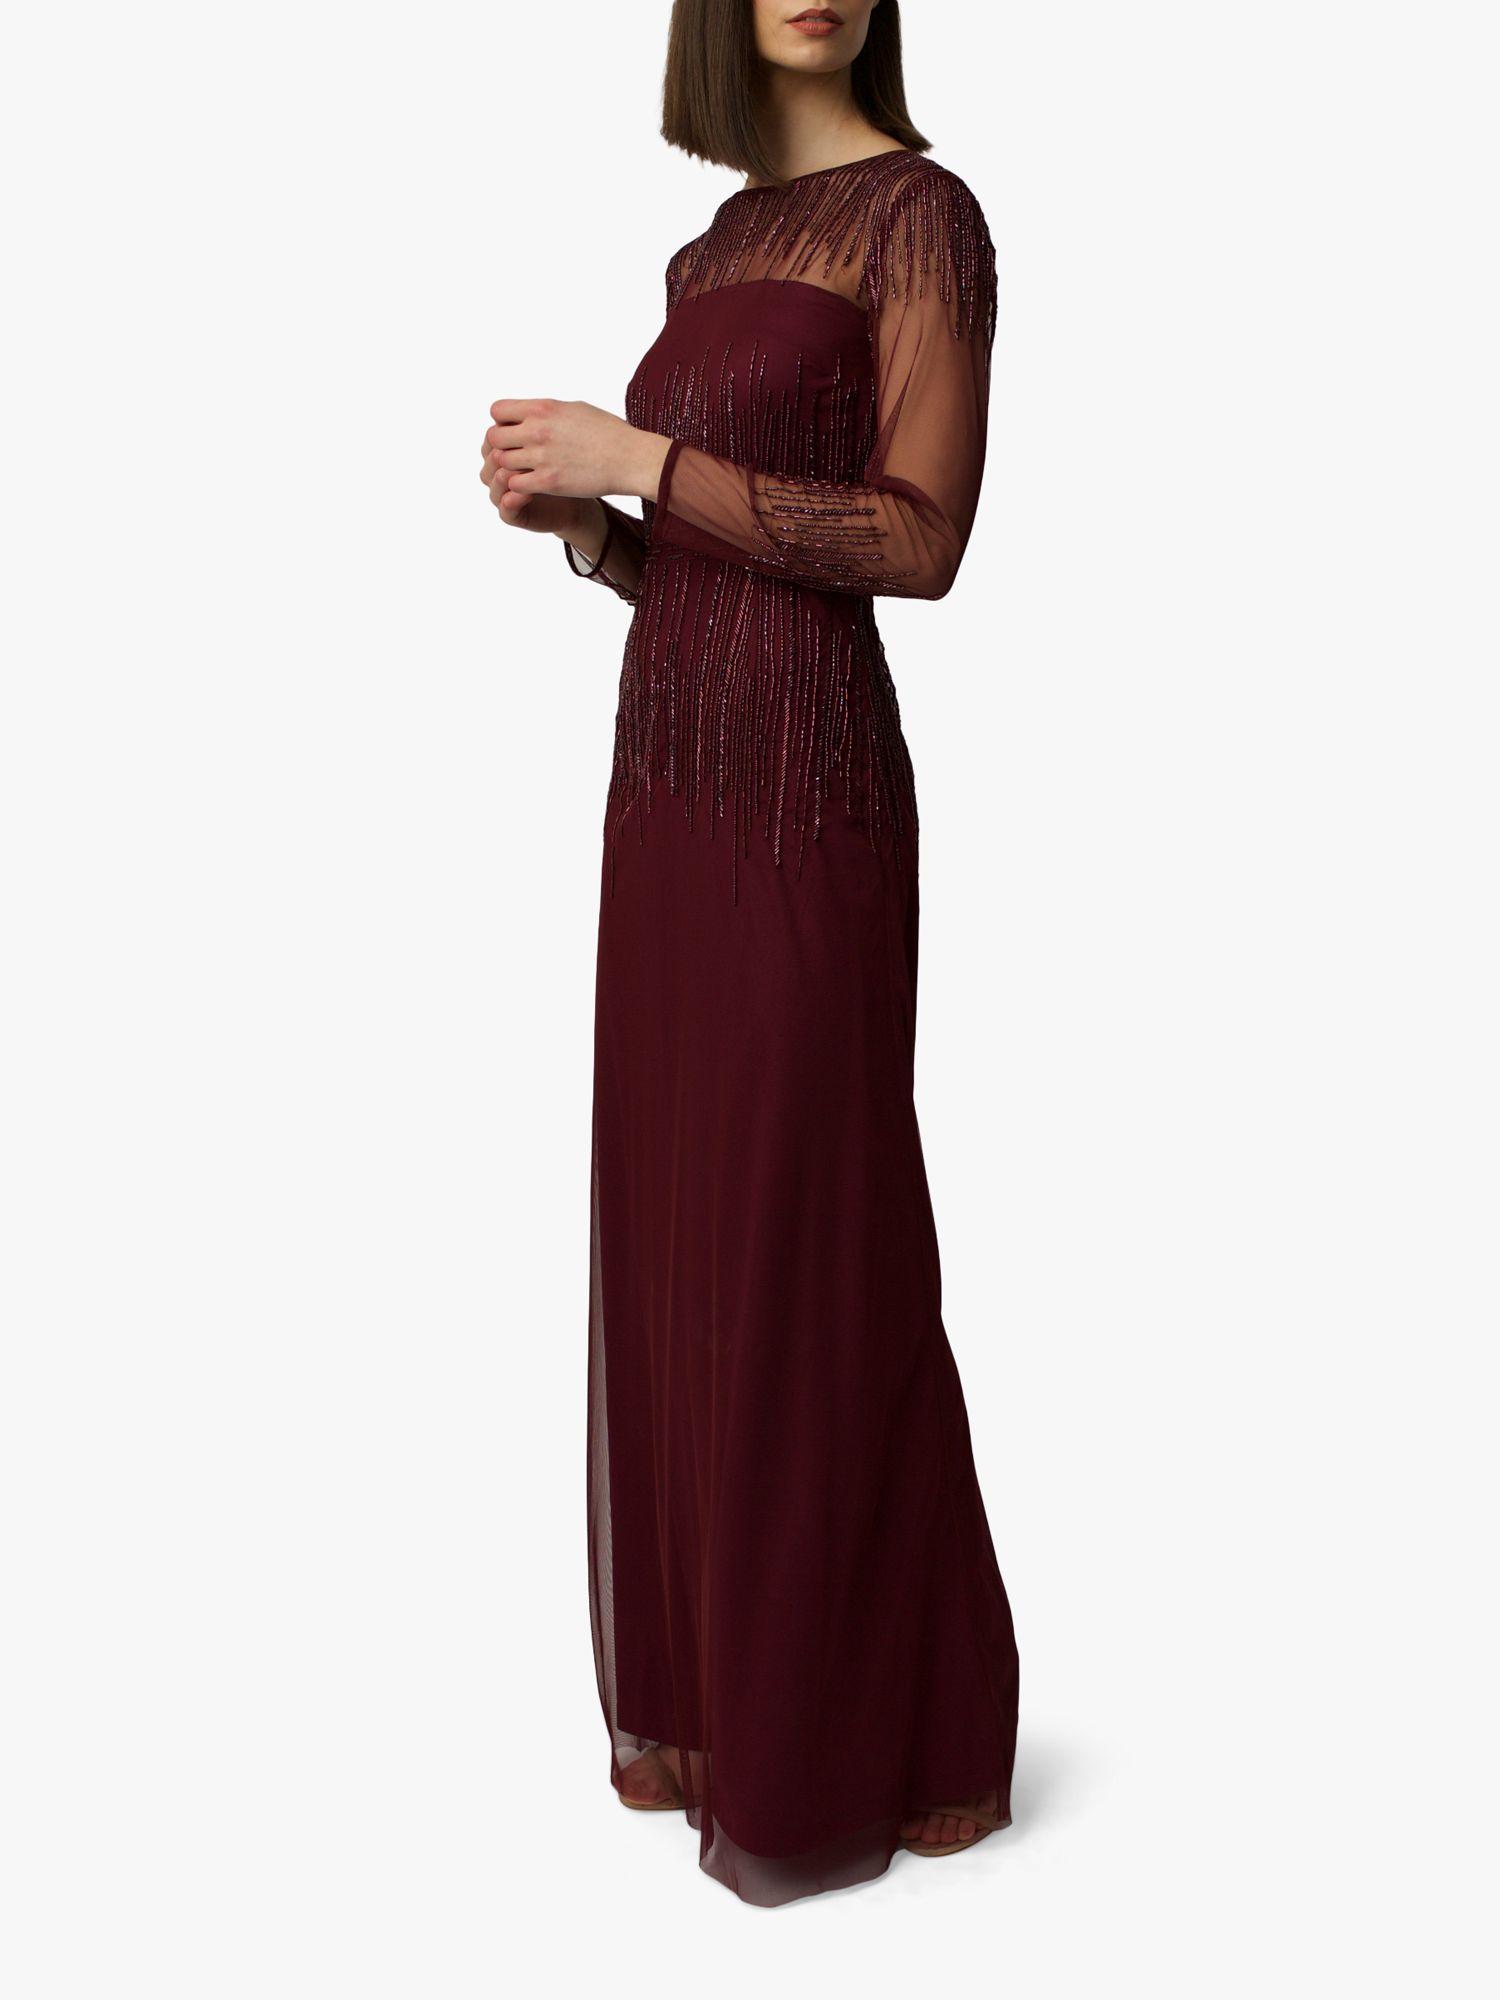 RAISHMA Raishma Laurel Bead Embellishment Gown, Burgundy